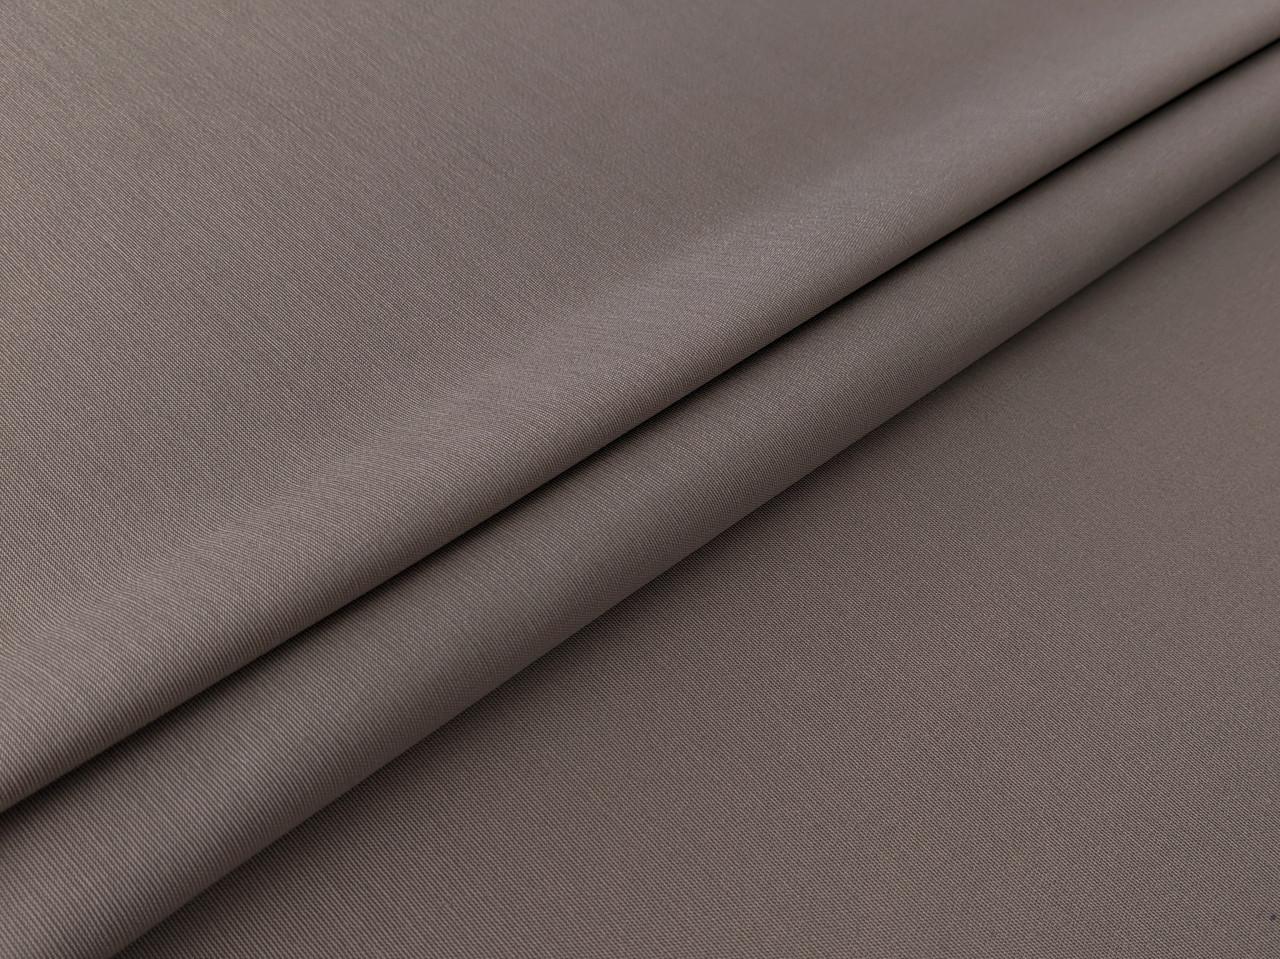 Коттон твил однотонный, светло-коричневый